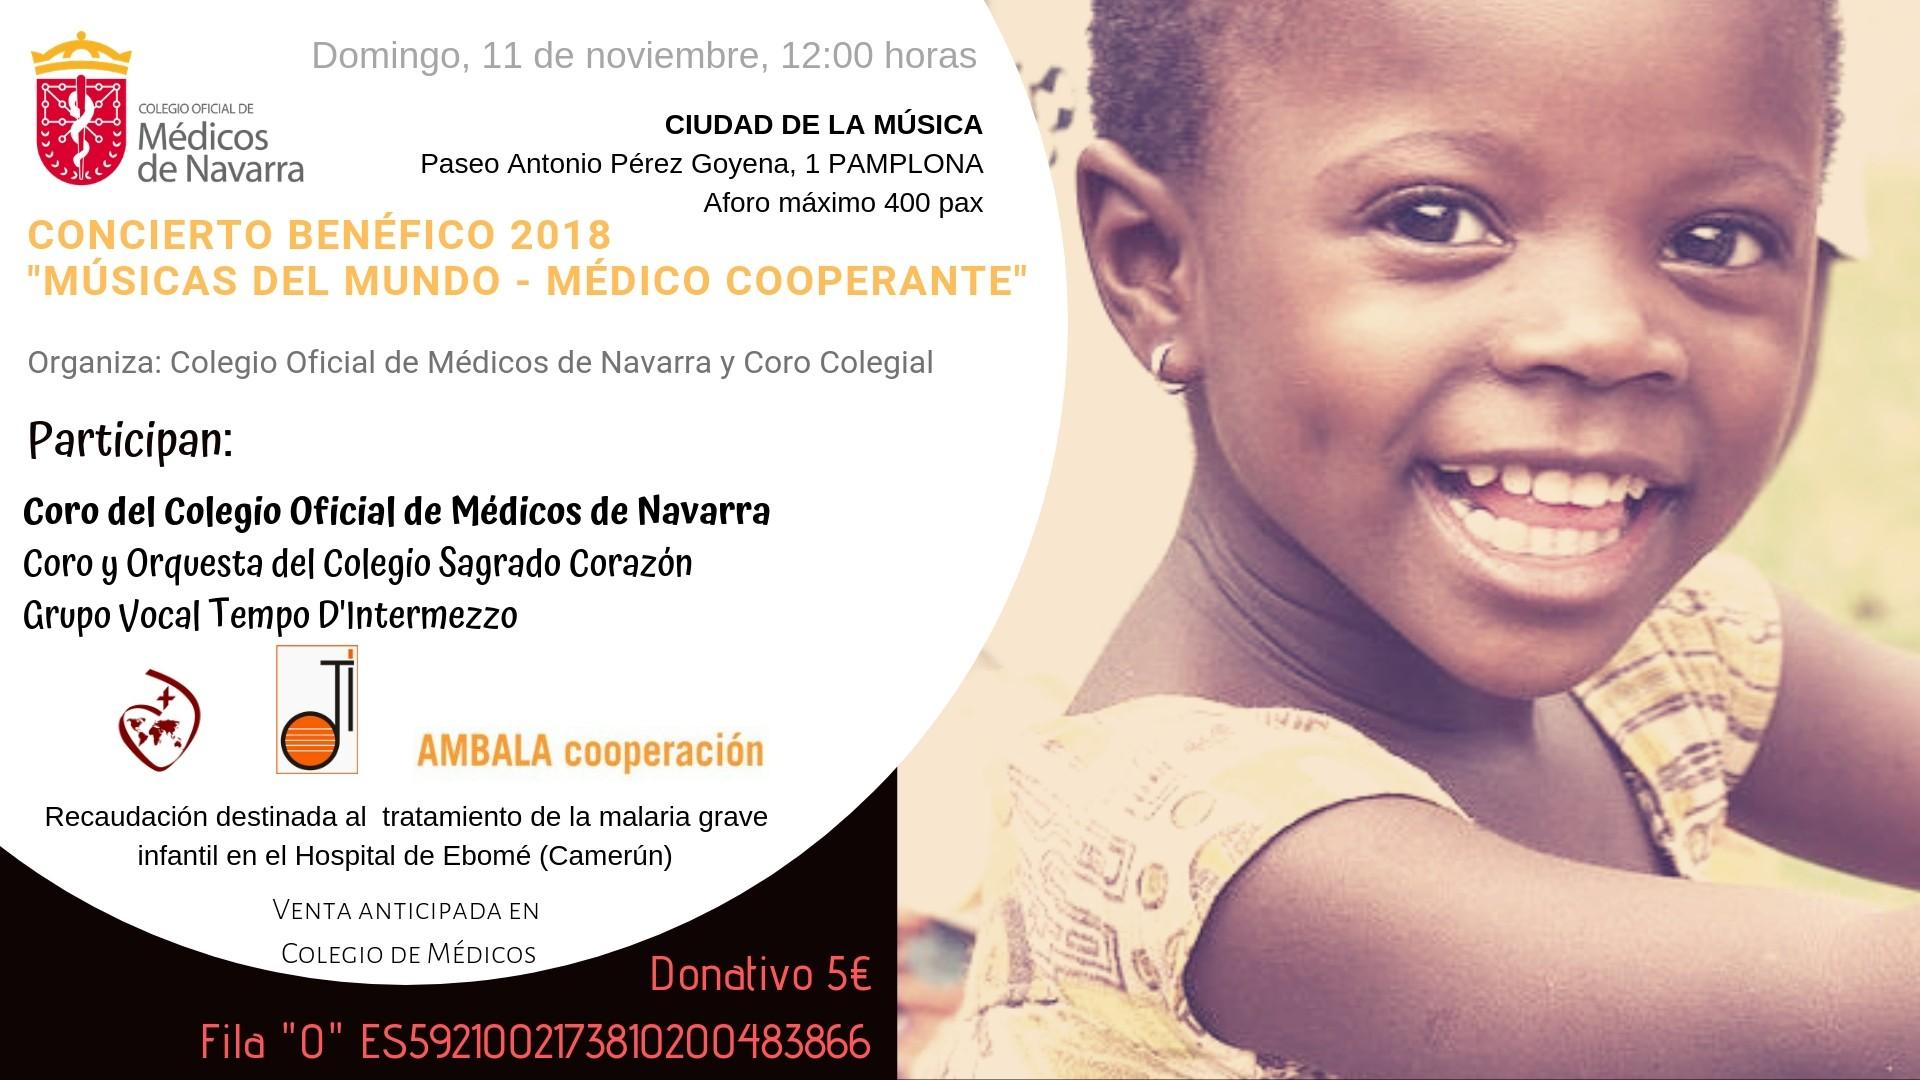 Concierto Benéfico en favor de la ONG navarra AMBALA el domingo 11 de noviembre Entradas agotadas